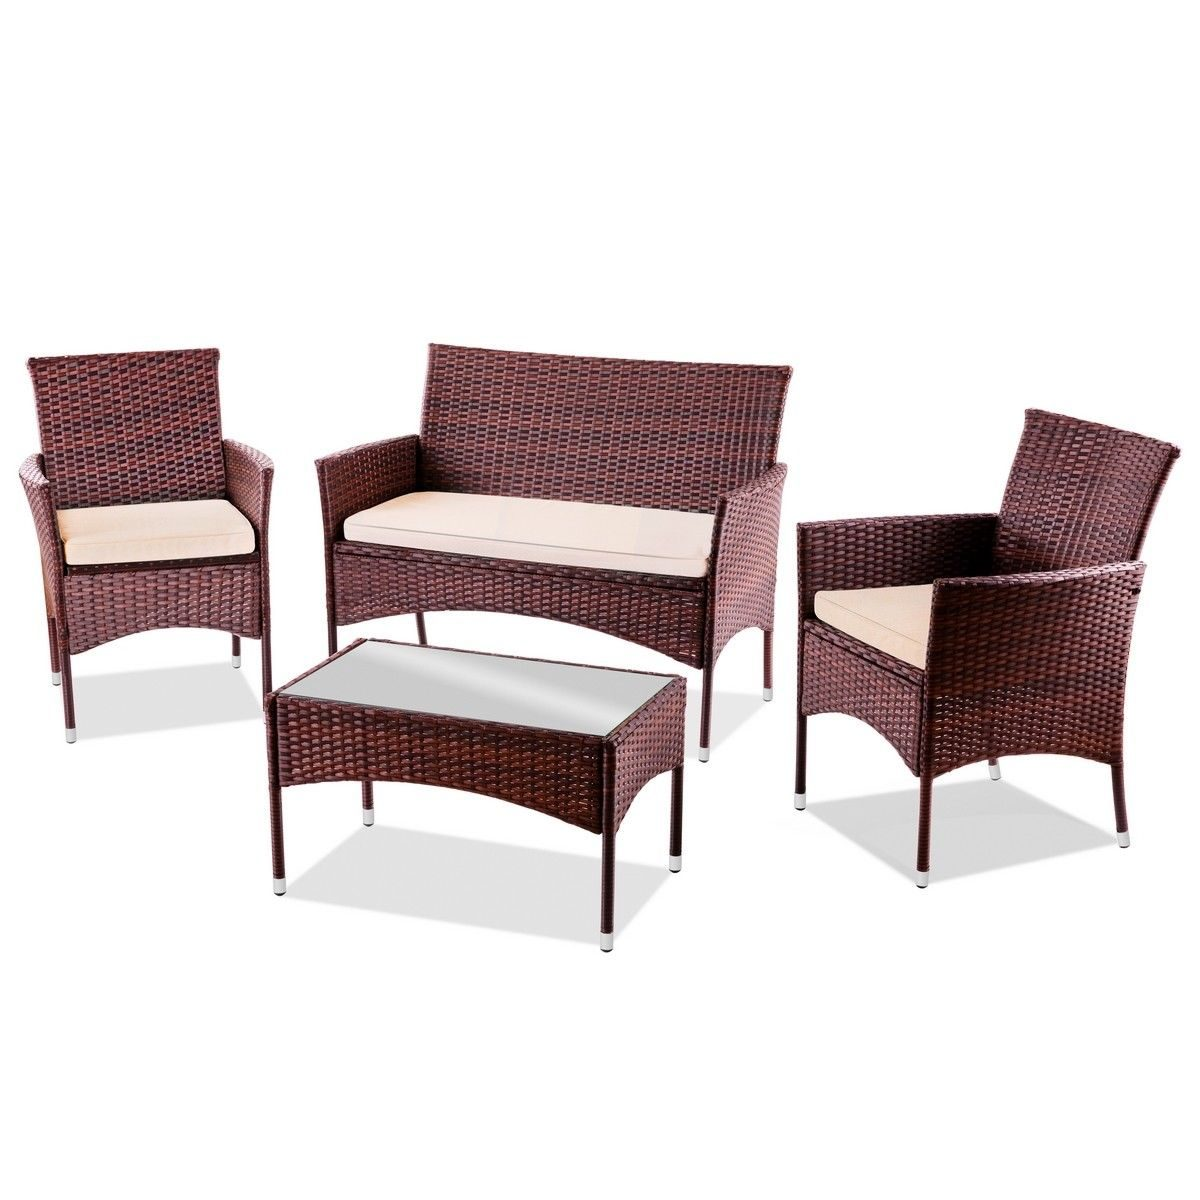 Oferton set muebles de jard n 70 descuento la gu a del for Set de resina de jardin trenzado barato